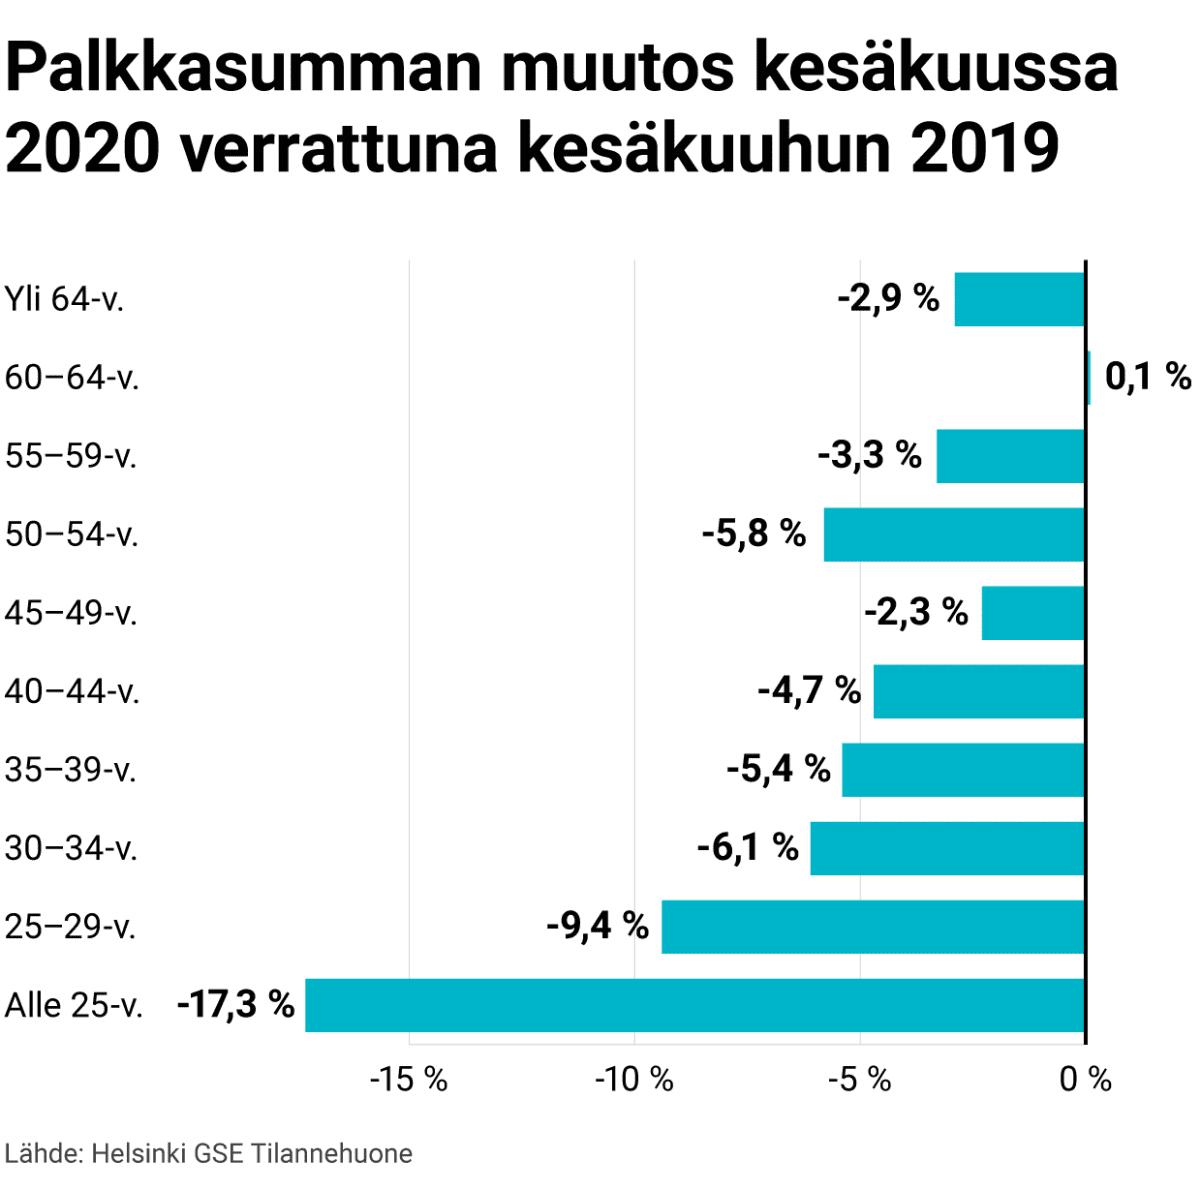 Palkkasumman muutos kesäkuussa 2020 verrattuna kesäkuuhun 2019